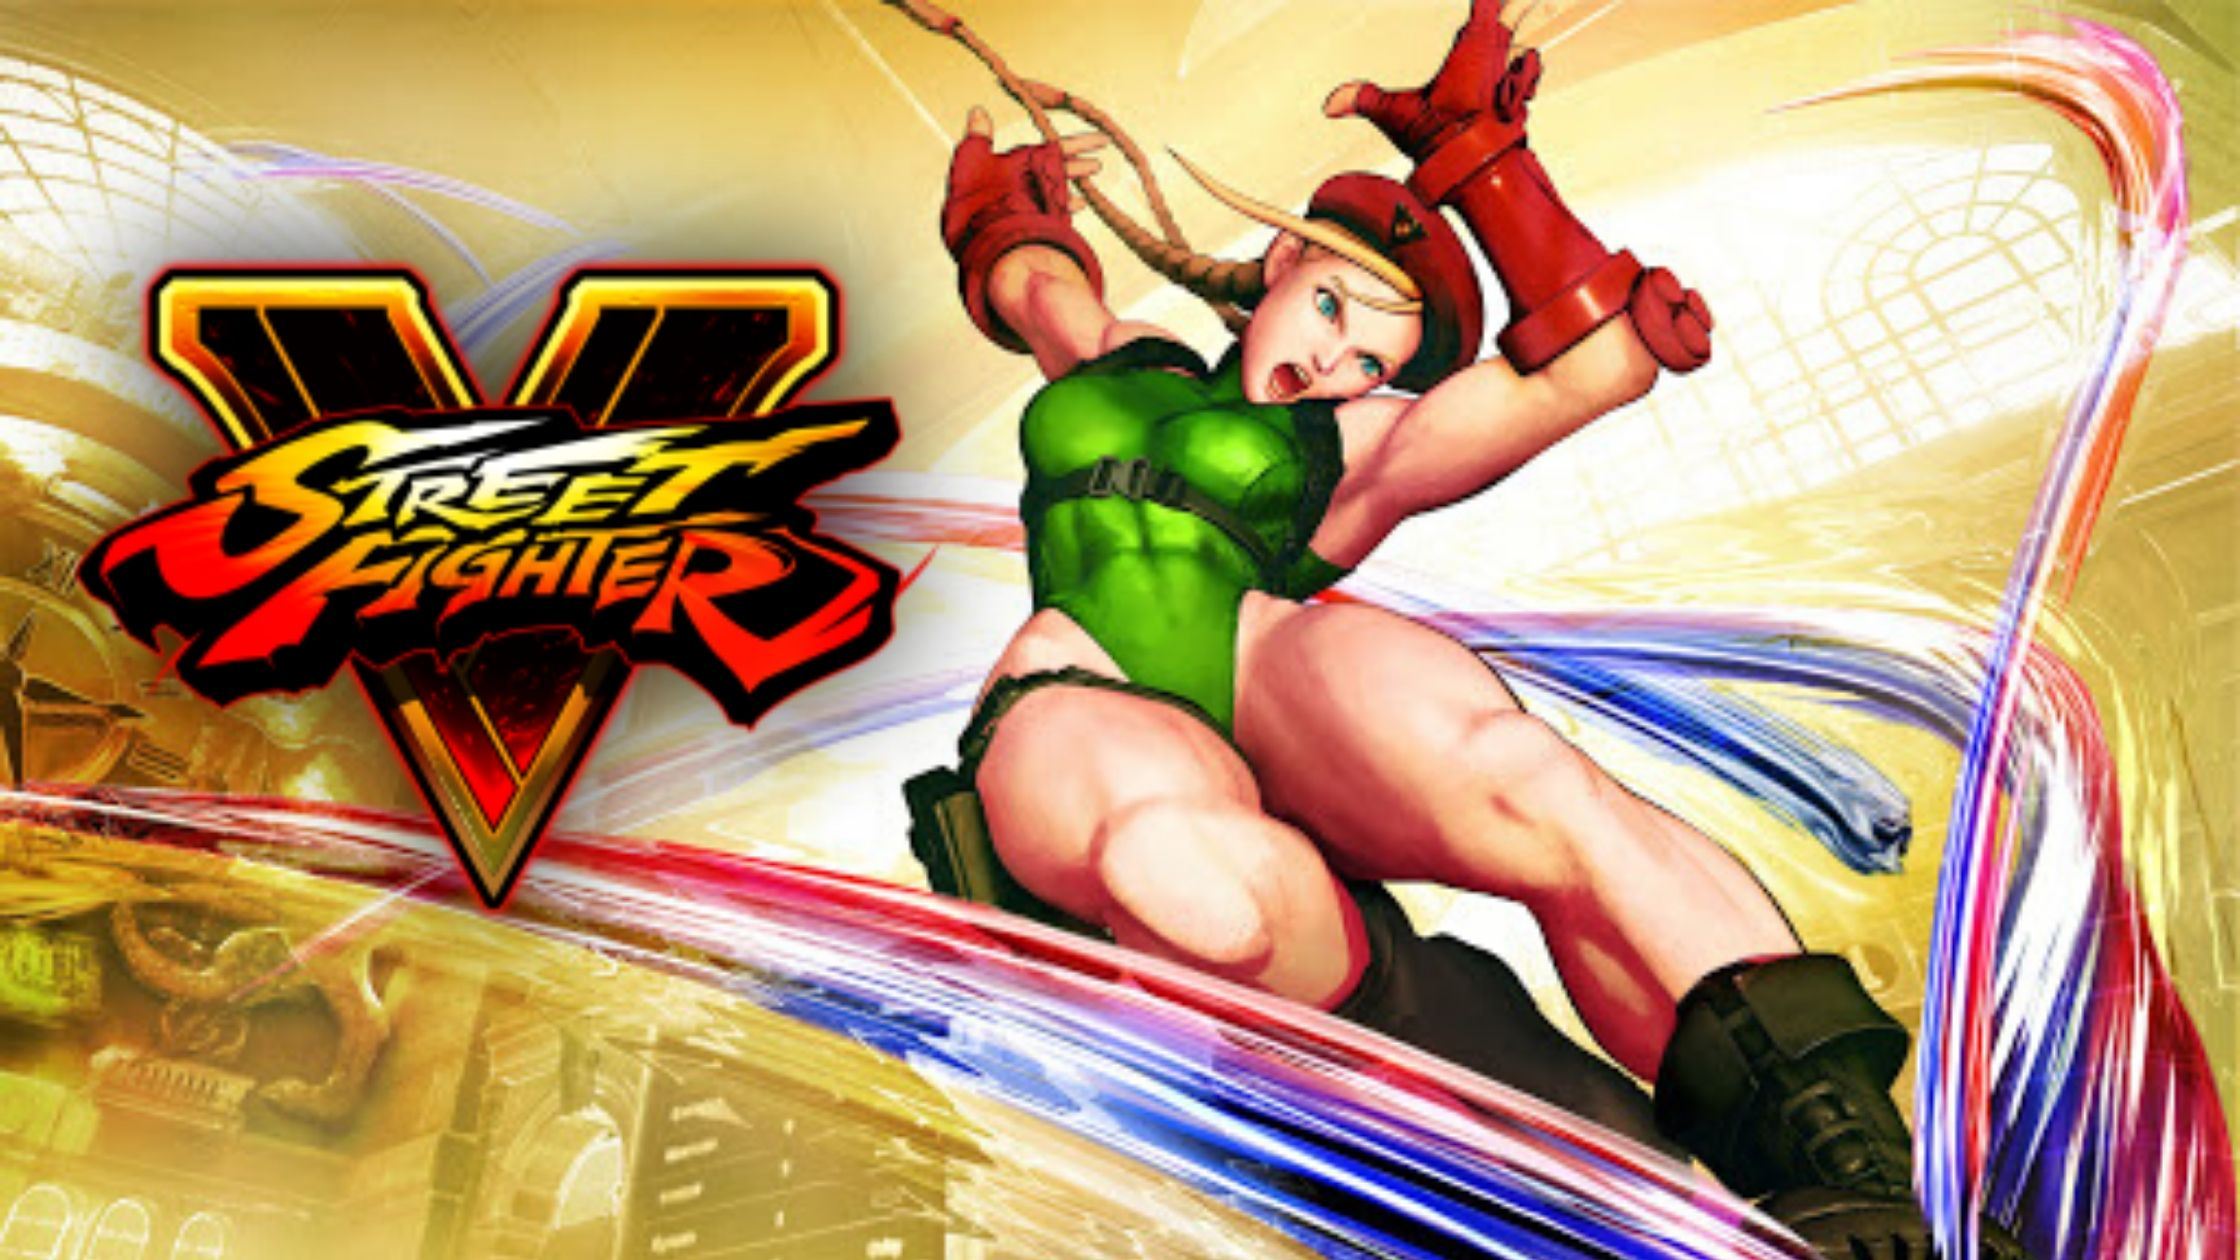 Cammy-in-Street-Fighter-V